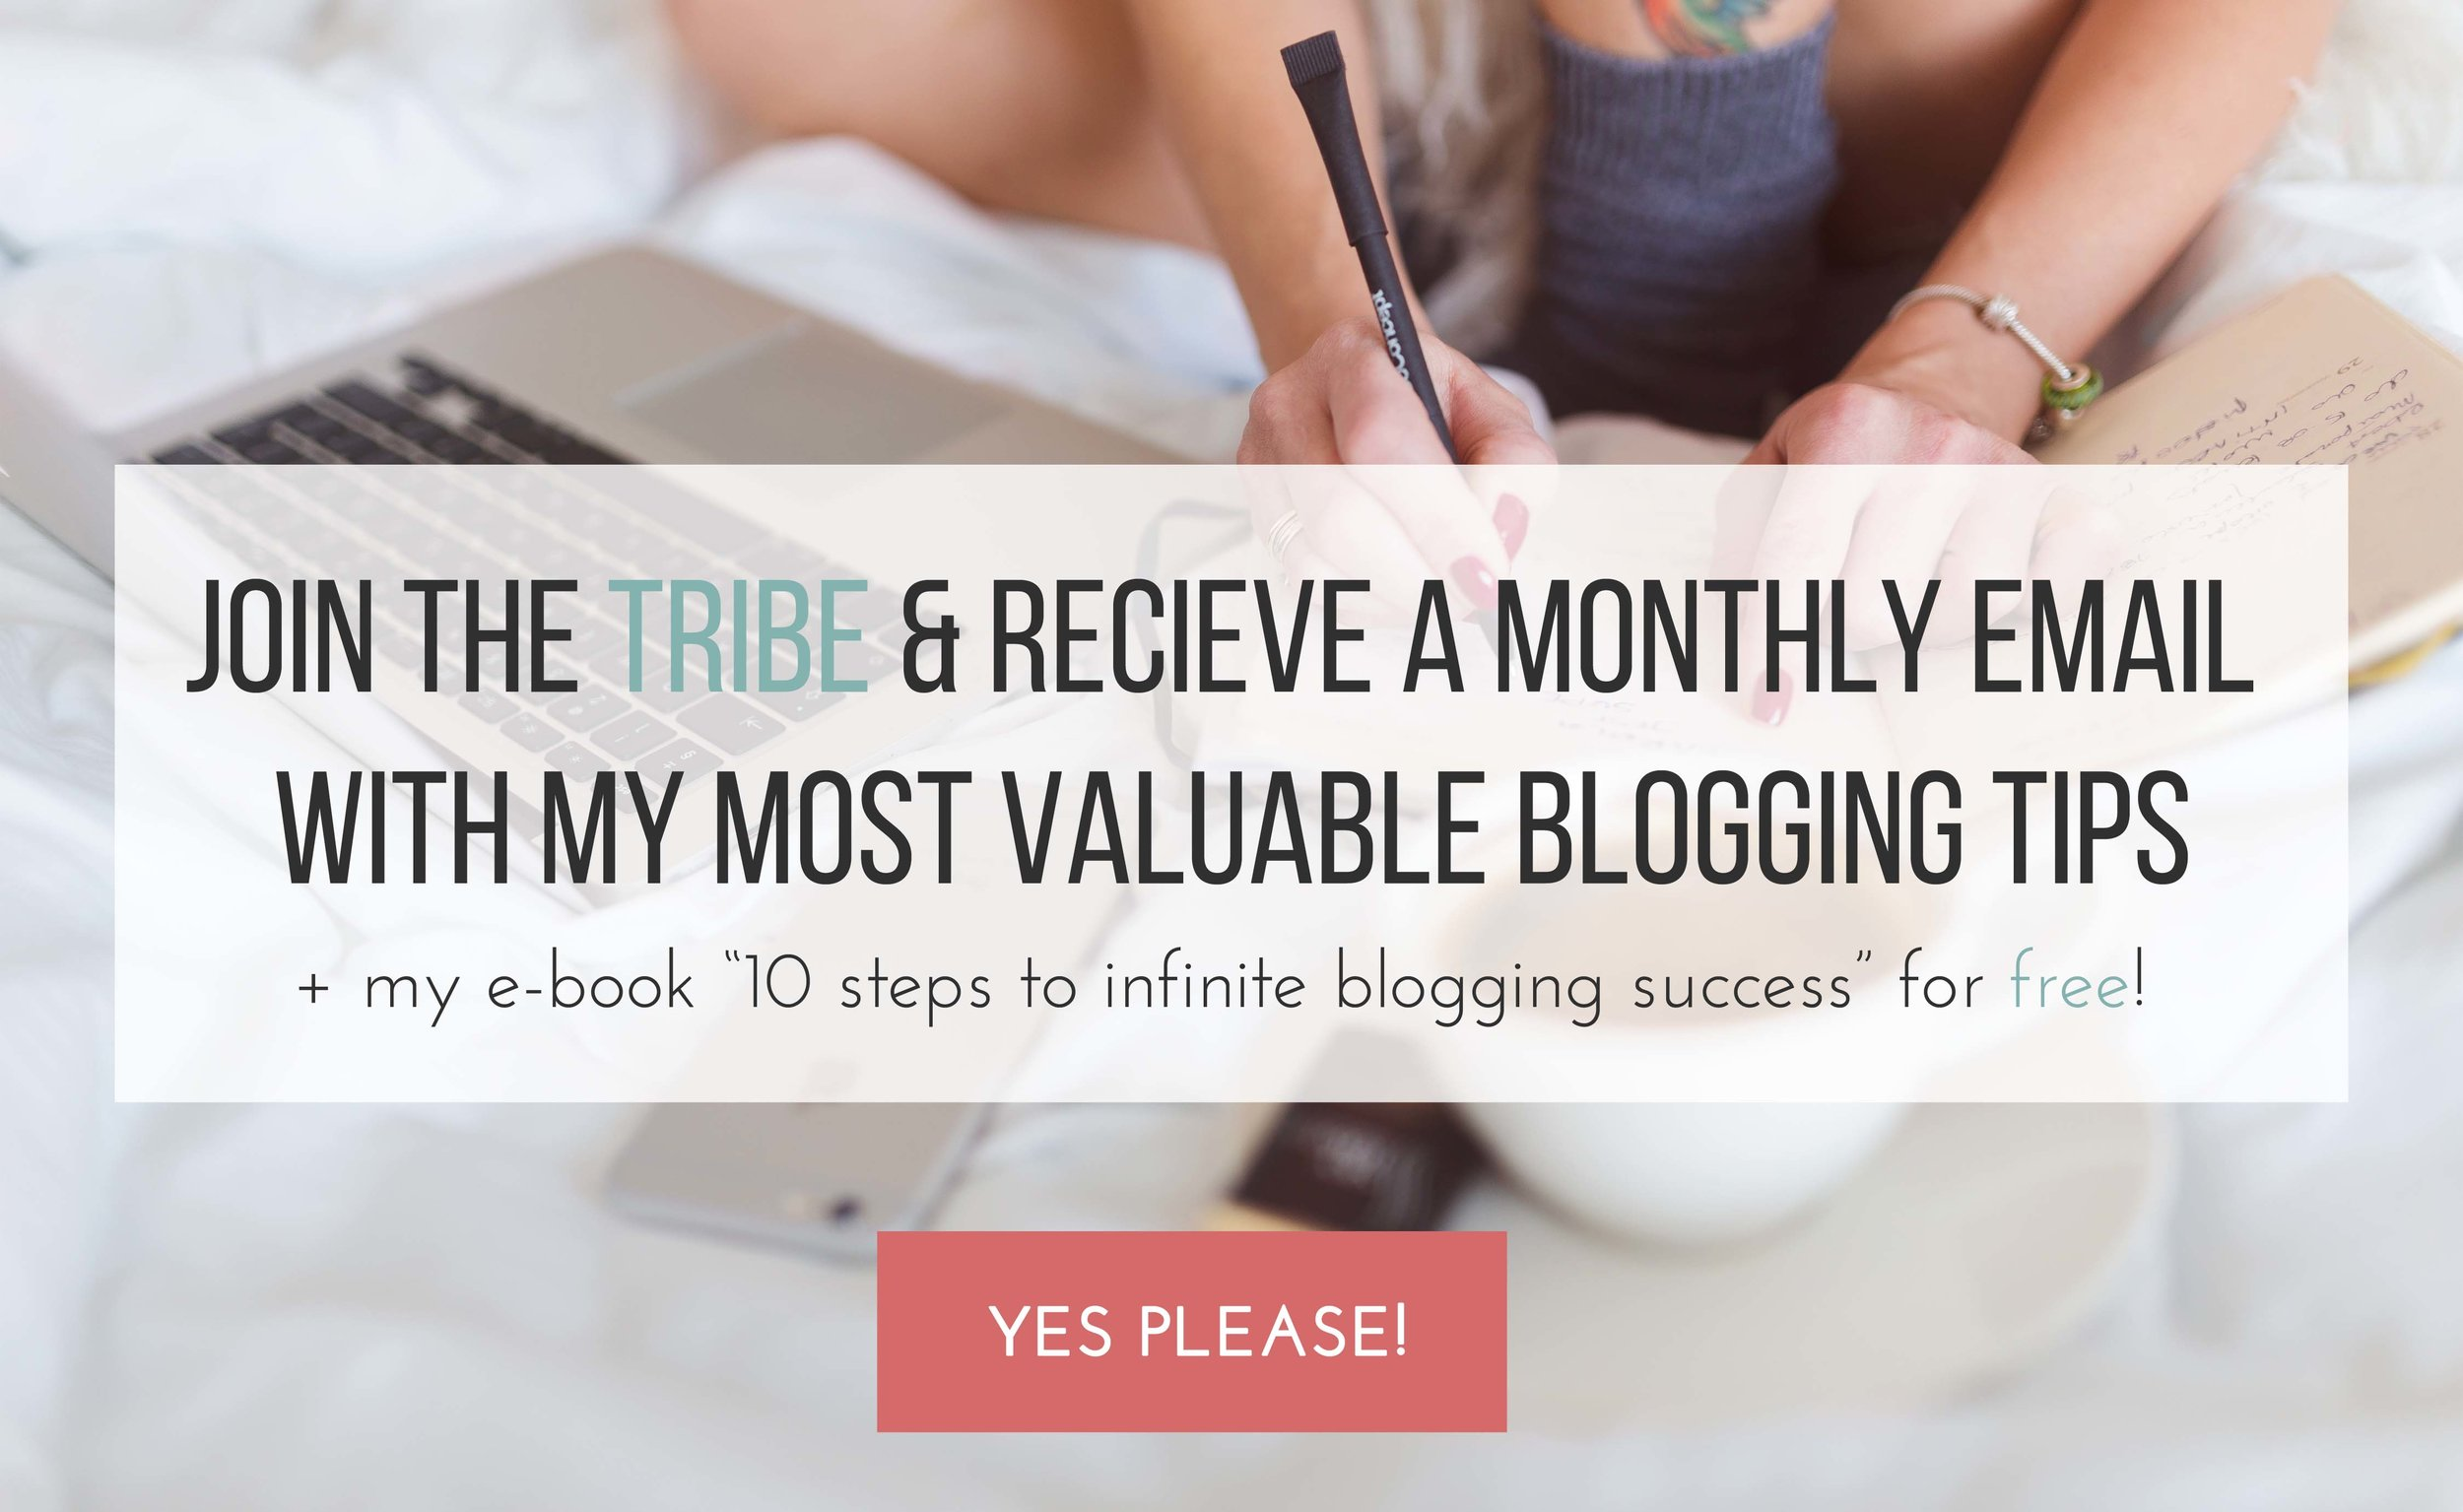 Blog it Better Tribe Newsletter - Free Blogging E-book!